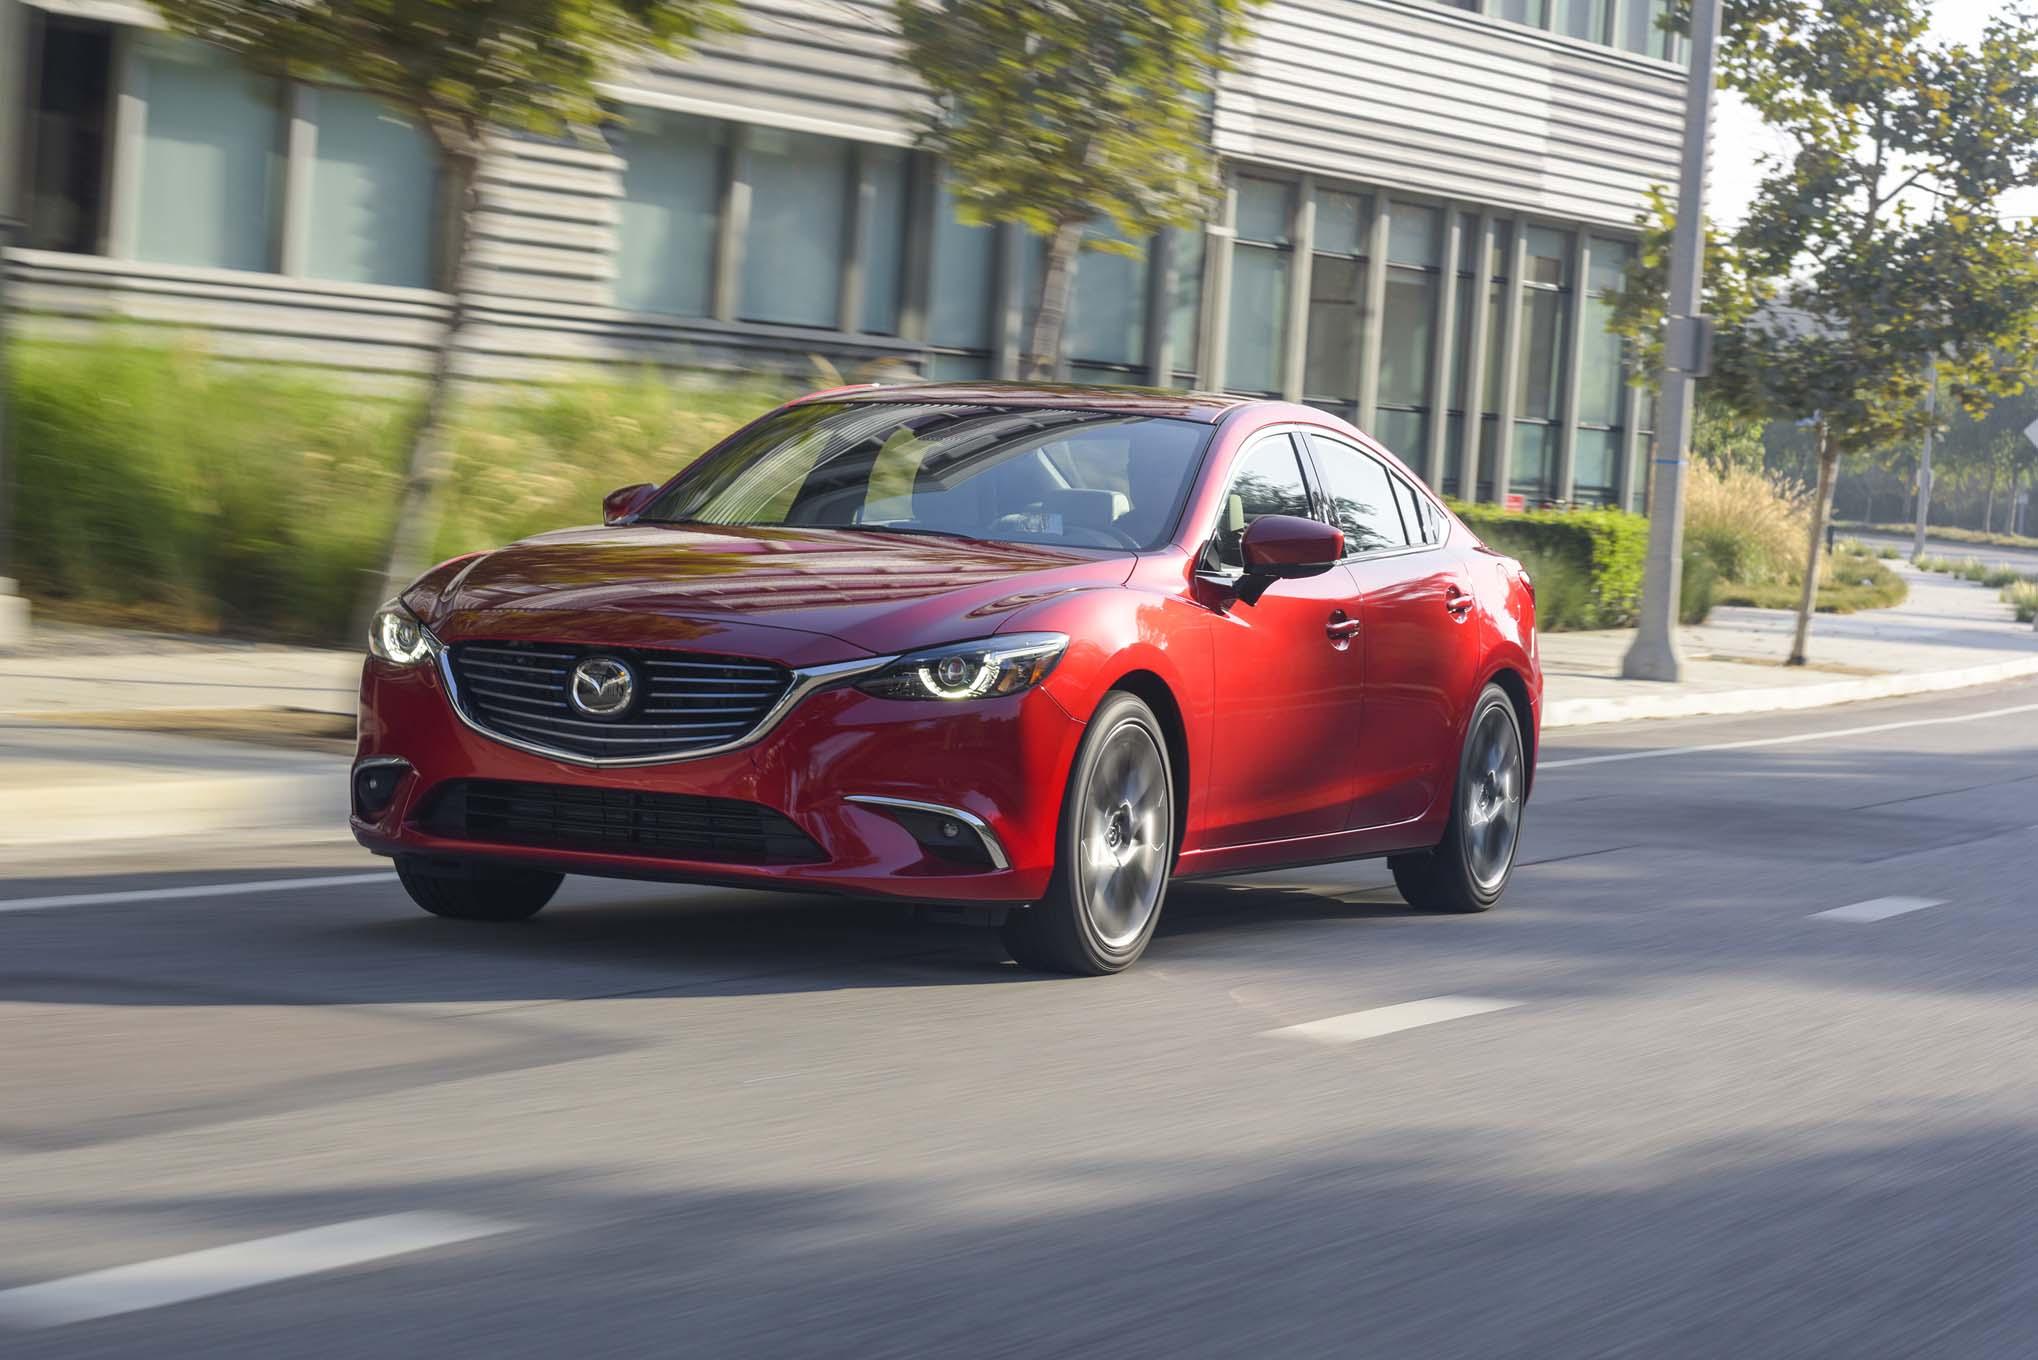 Появились фотографии обновленной Mazda 6